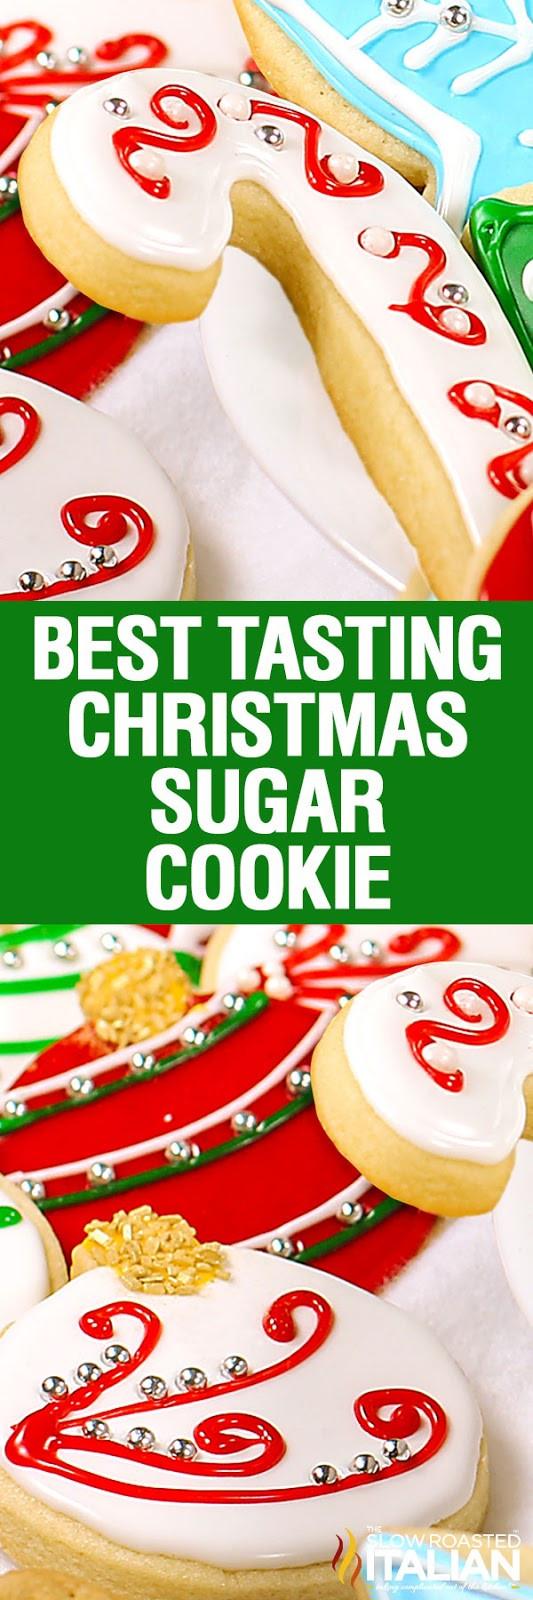 Best Christmas Sugar Cookies  Christmas Sugar Cookies With NEW VIDEO